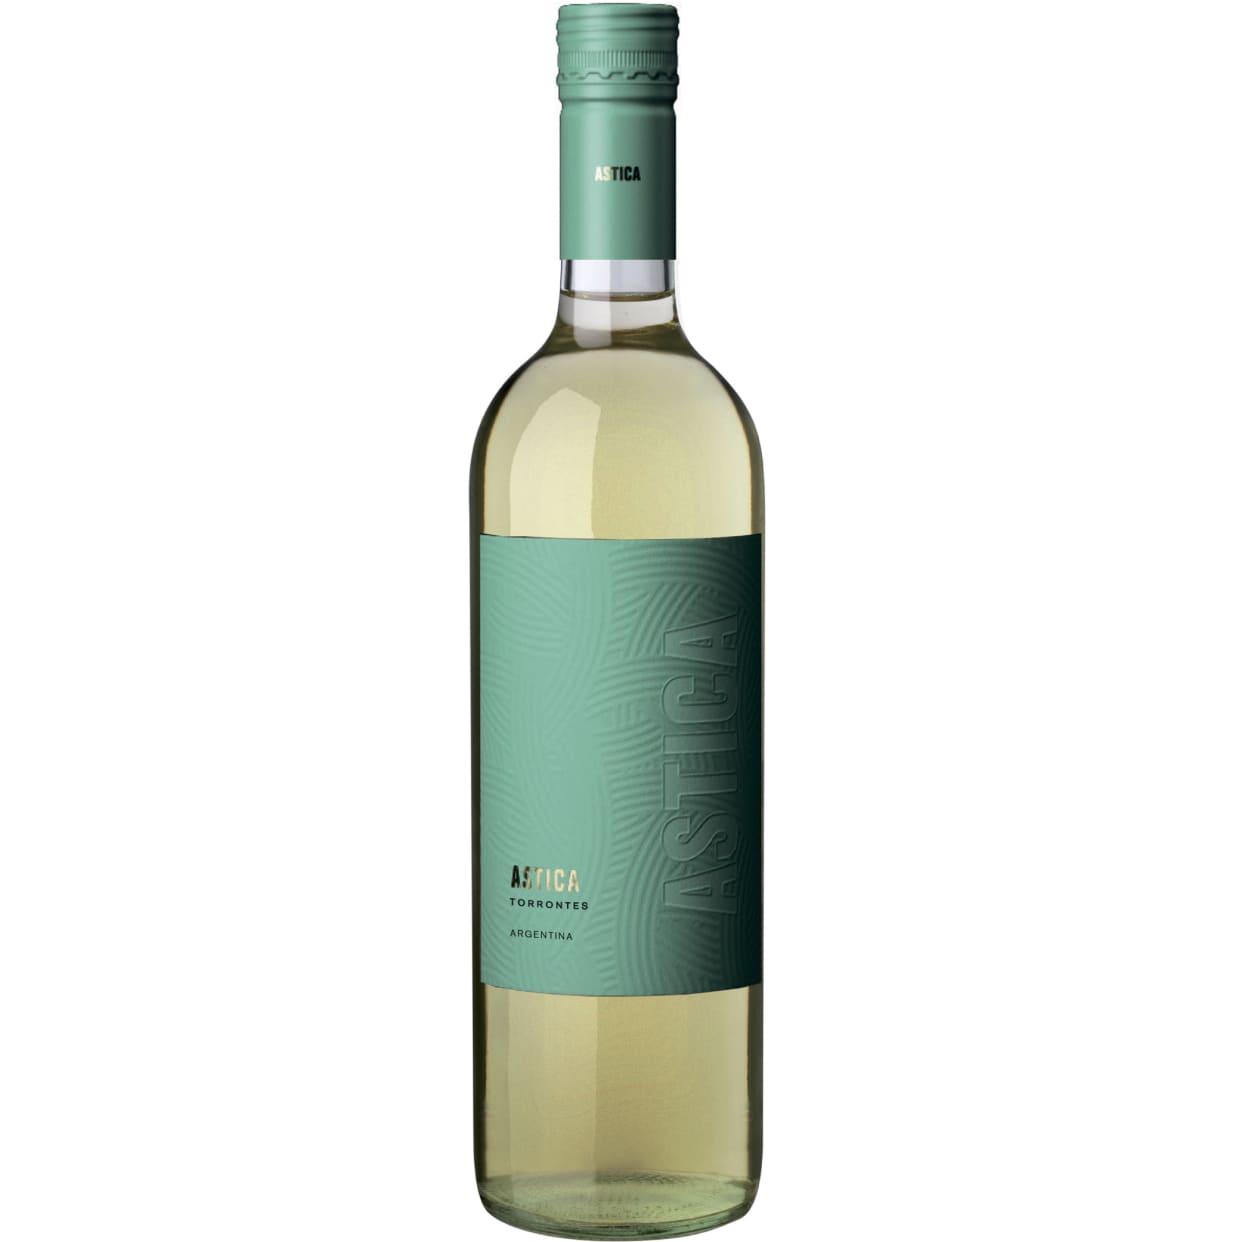 Вино Трапіче Астіка Торронтес (0.75л)